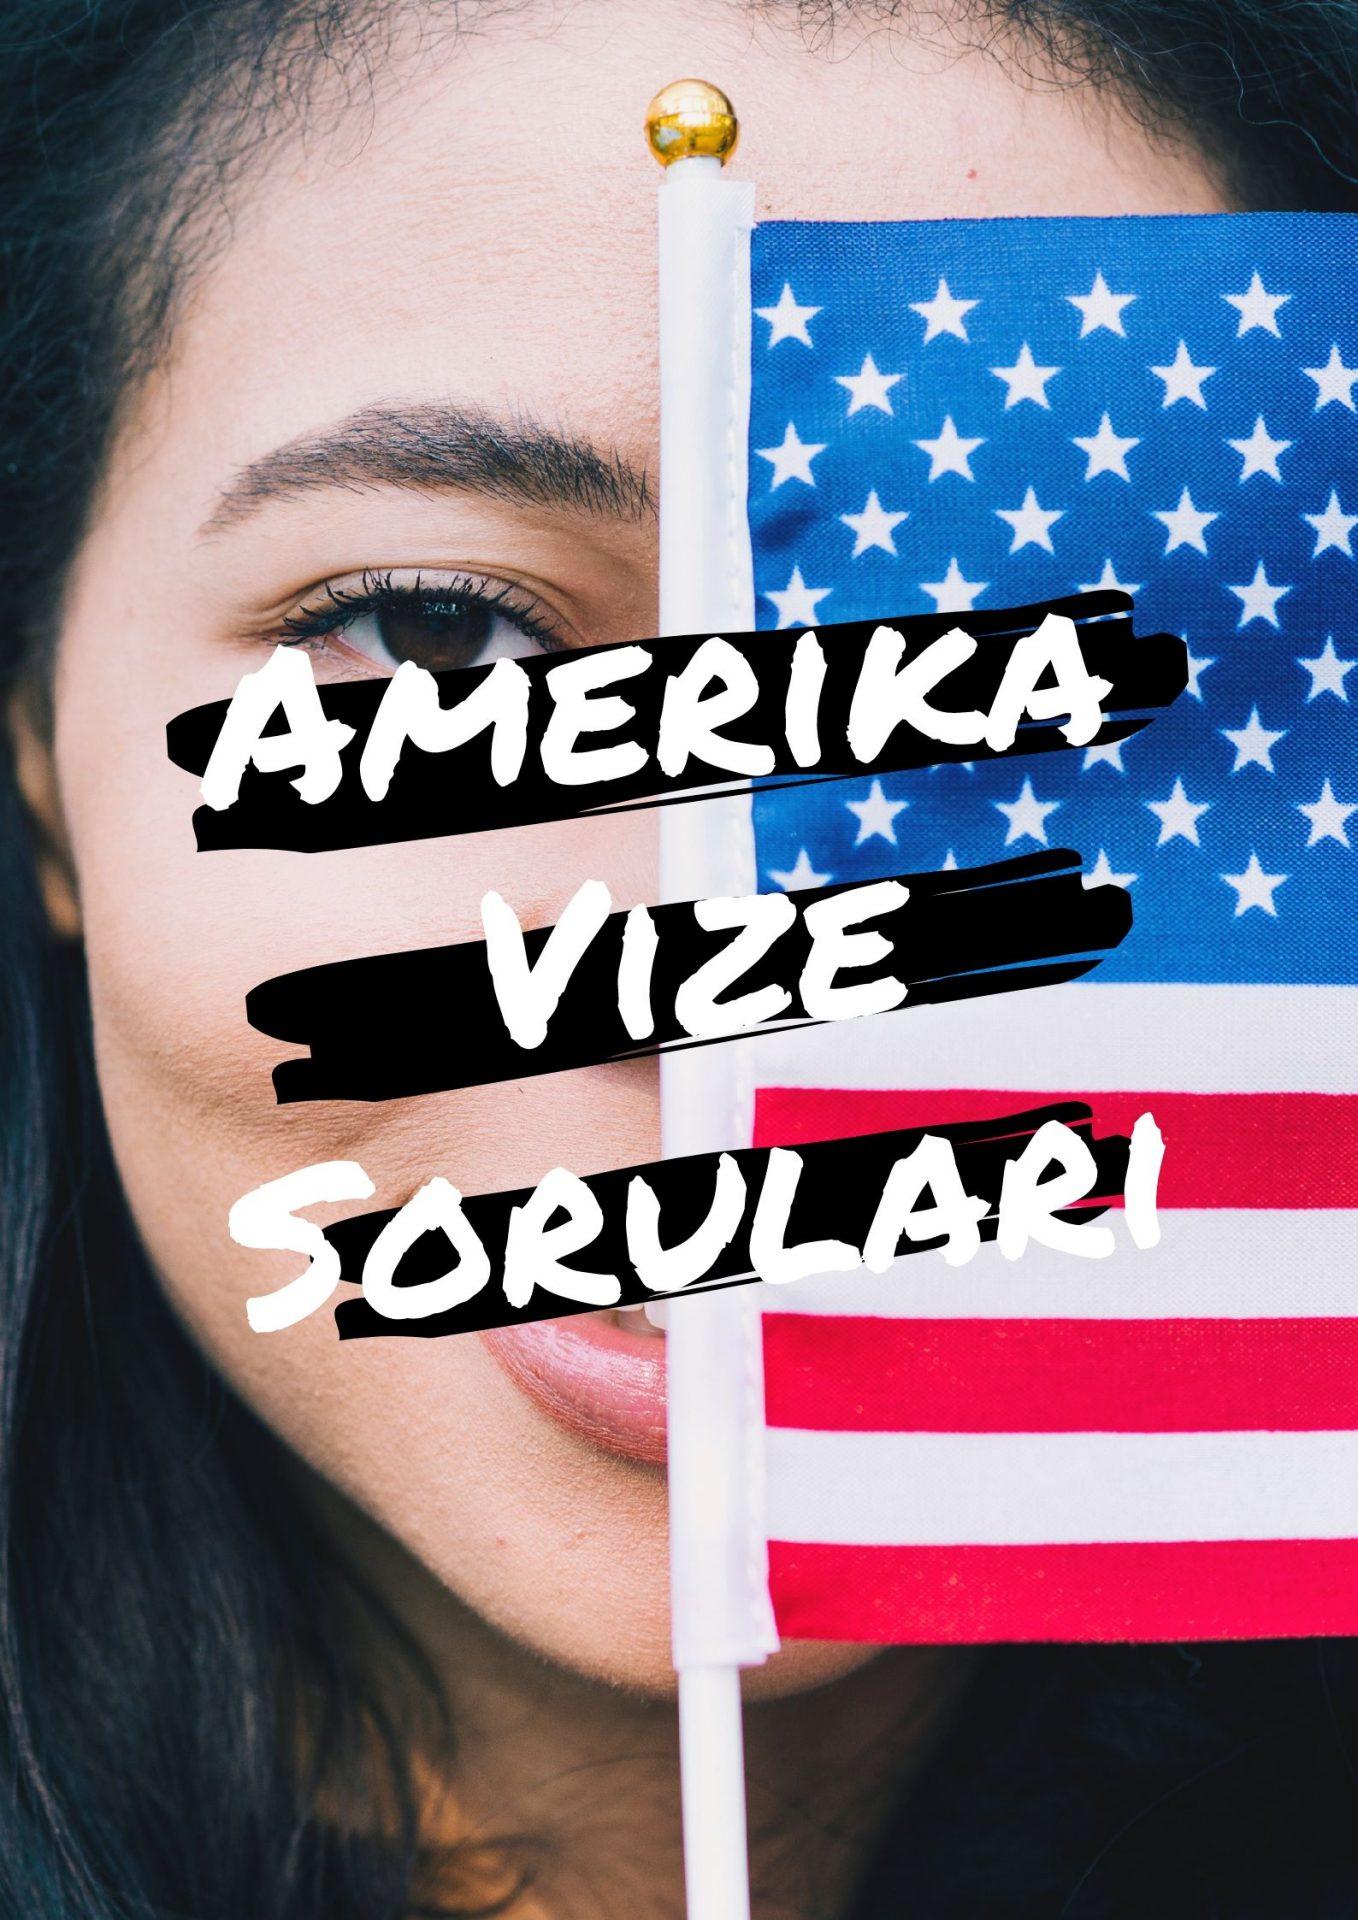 Amerika Vizesi Görüşme Soruları Nelerdir ve Sıkça Sorular Sorular vize ofis, vizeofis, ankara vize danışmanlık